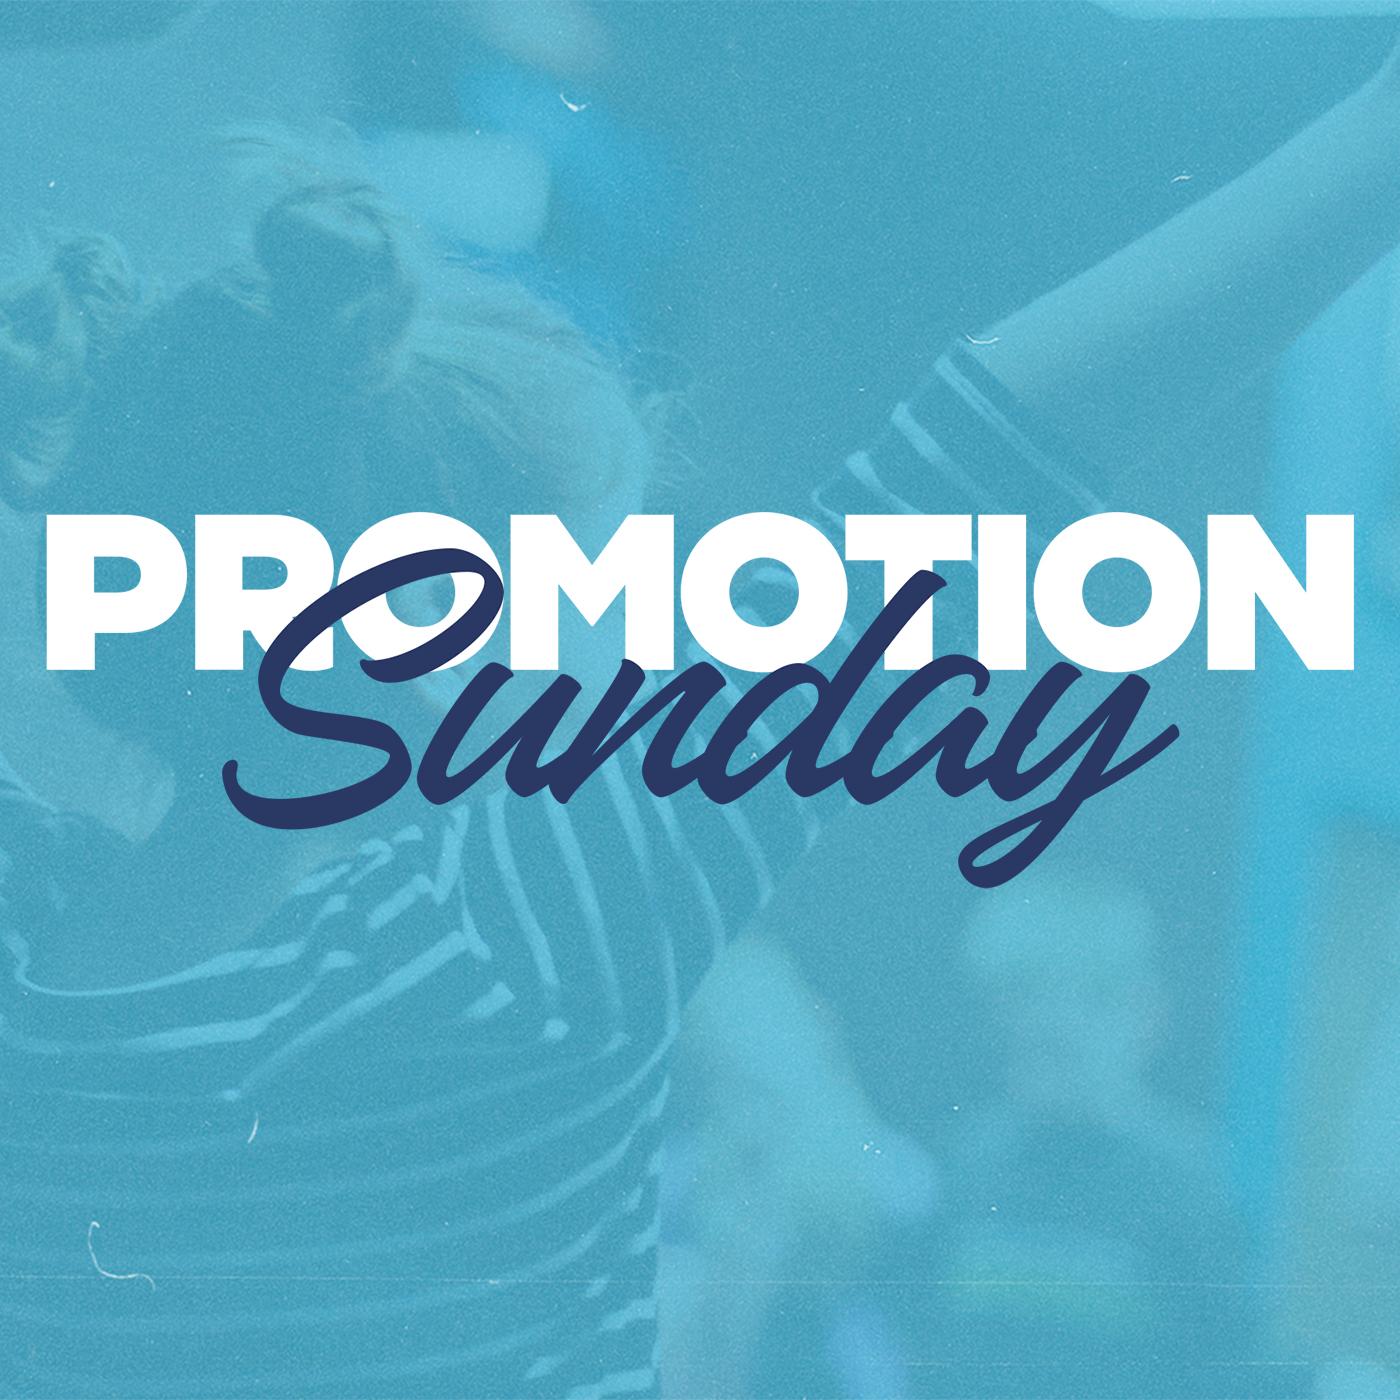 Promotion Sunday Square Image.jpg